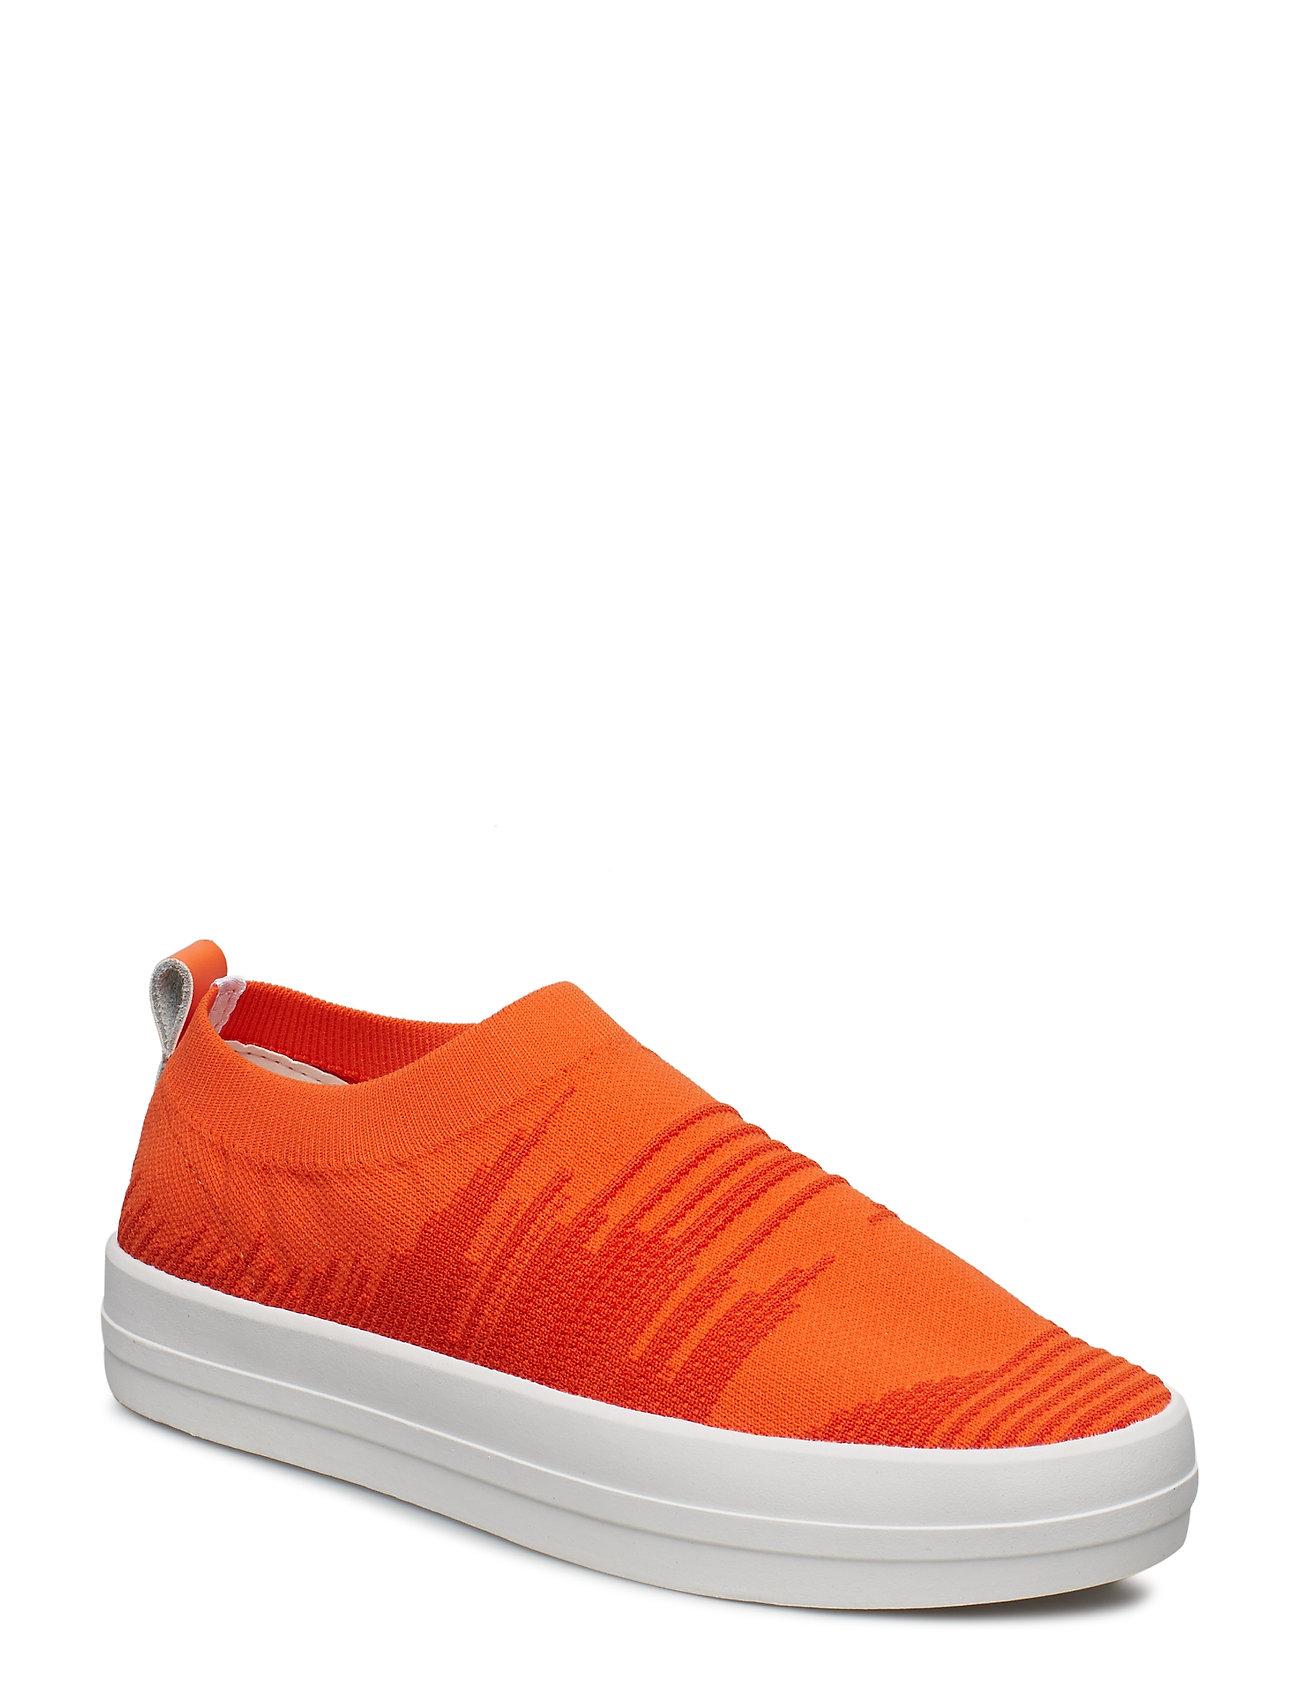 Image of Neela Knit Sneakers Orange Shoe The Bear (3406685013)